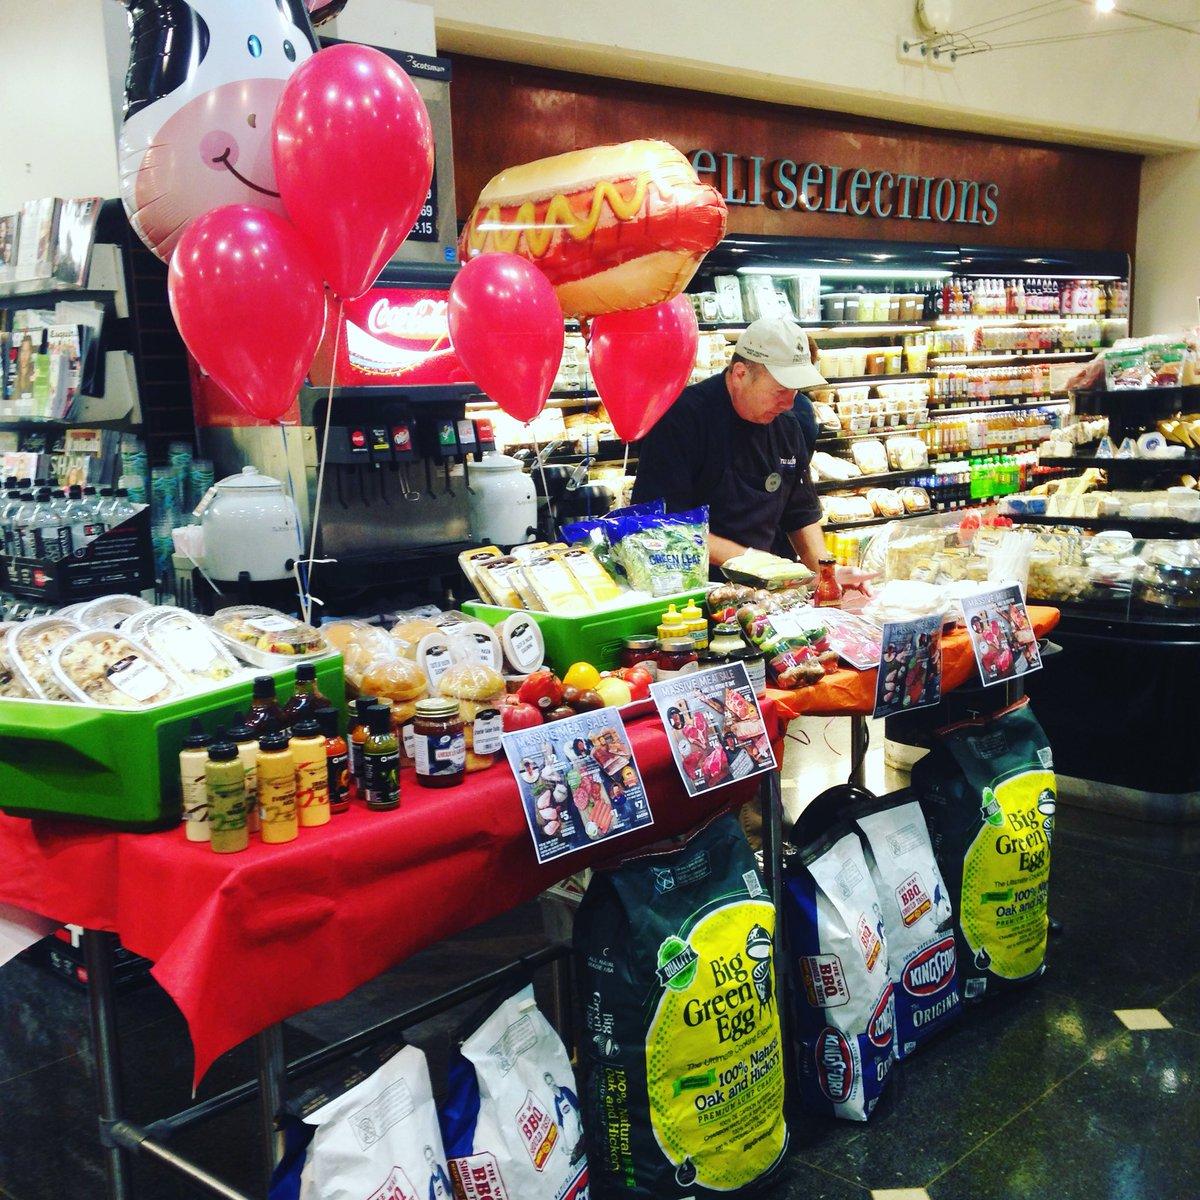 straubsmarkets photo